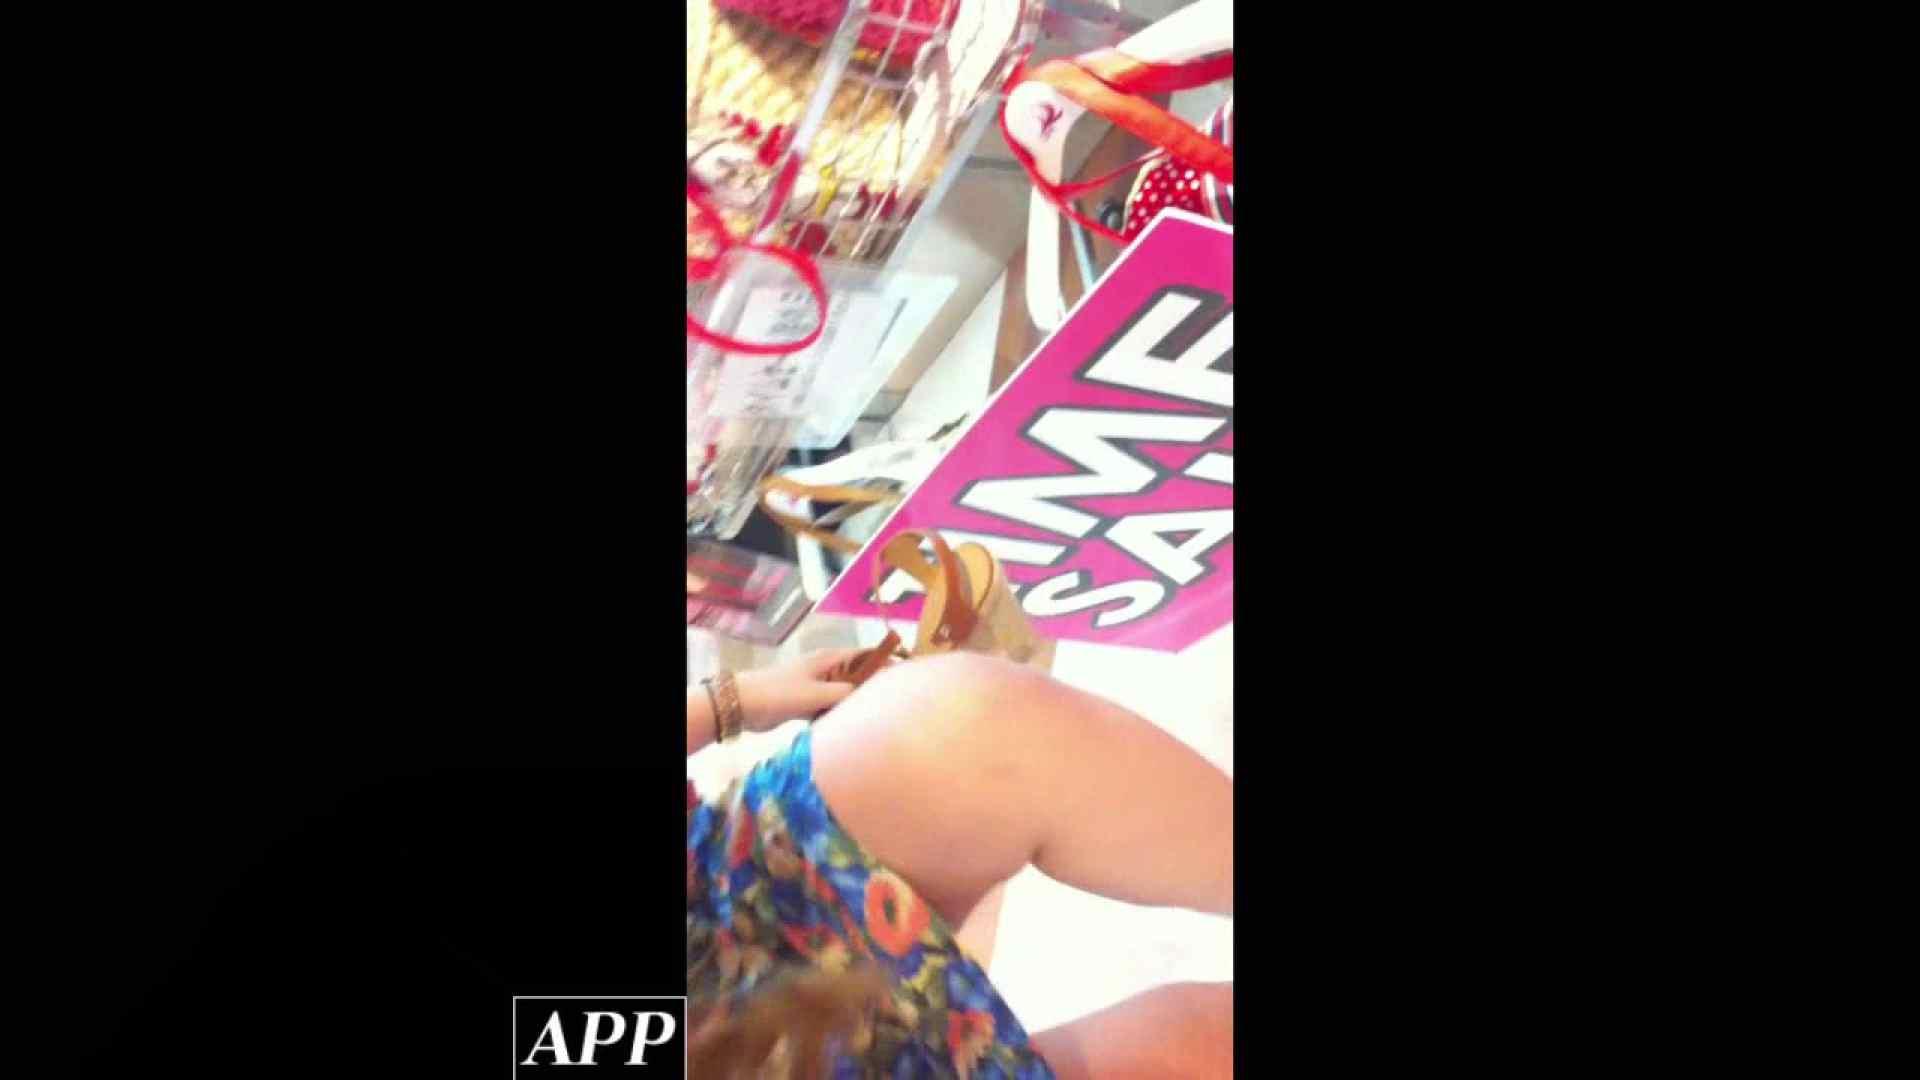 ハイビジョン盗撮!ショップ店員千人斬り!胸チラ編 vol.75 盗撮シリーズ AV無料動画キャプチャ 109PIX 87